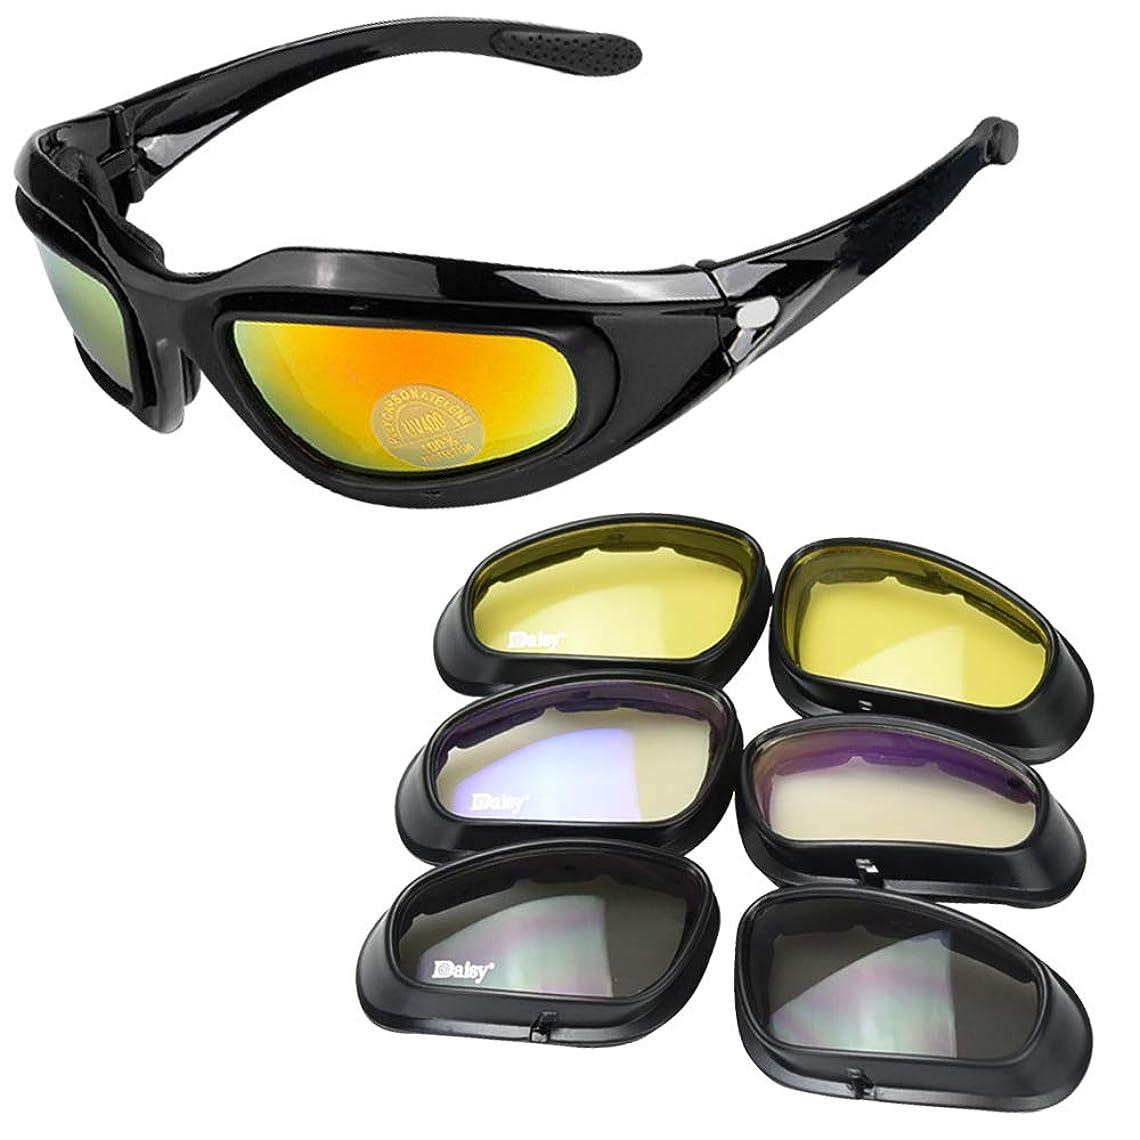 キャリア通行料金。IGUSTA バイク用 サングラス ゴーグル 交換用 レンズ4種 UVカット 防風 サイクリング 登山 スキー